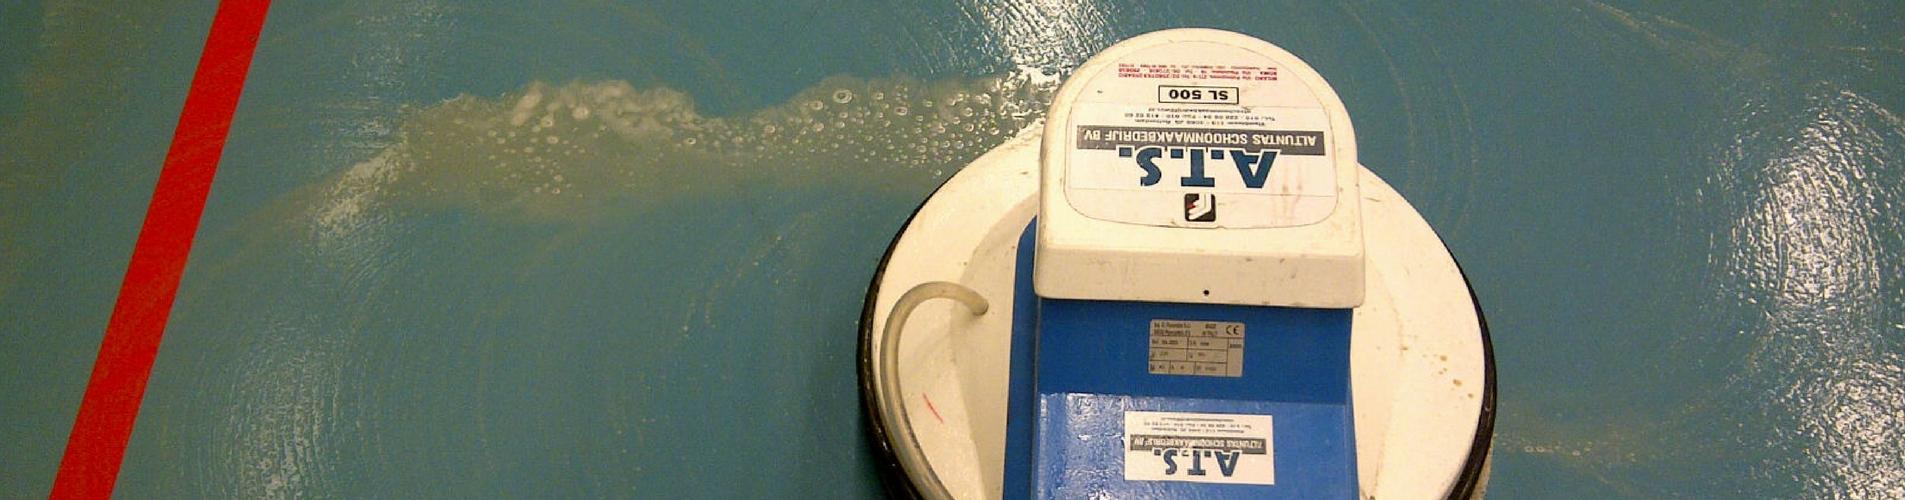 sportvloer-onderhoud-ATS-schoonmaak (1)